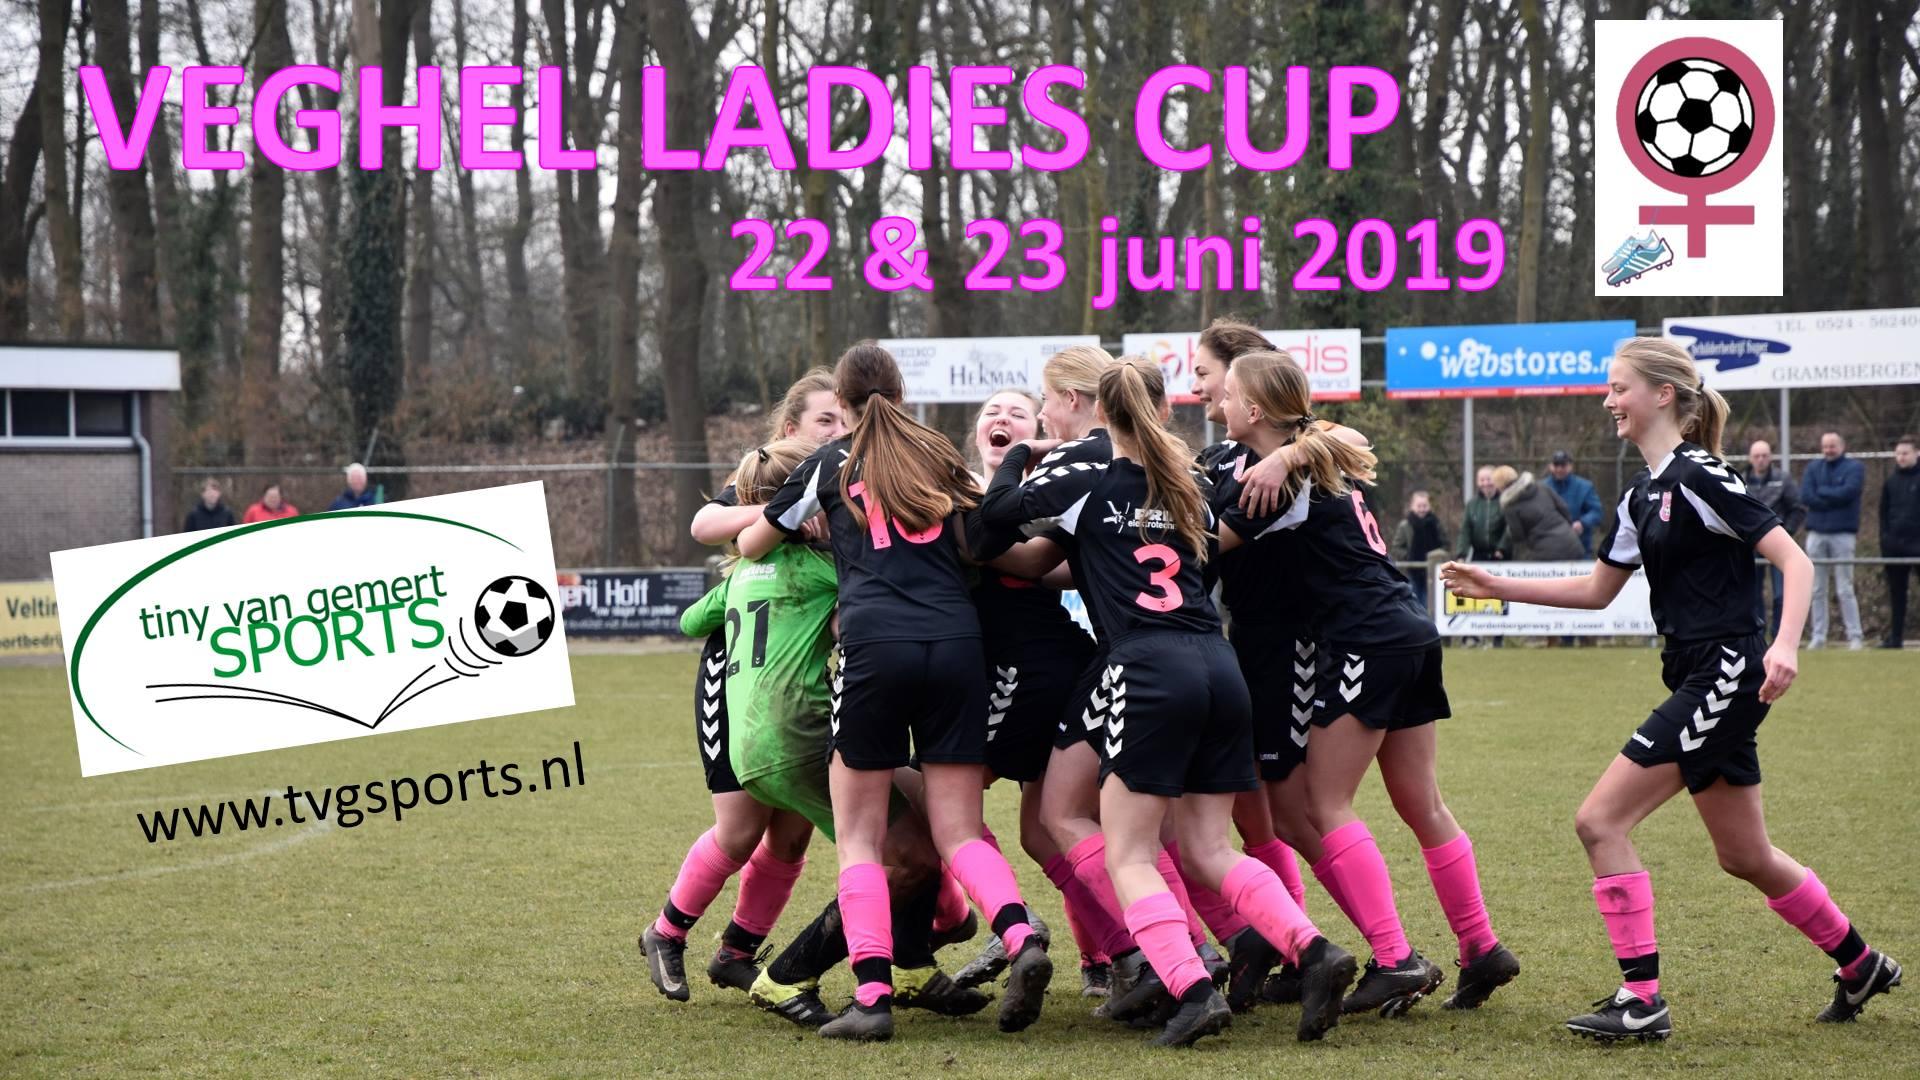 NIEUW!! VEGHEL LADIES CUP …